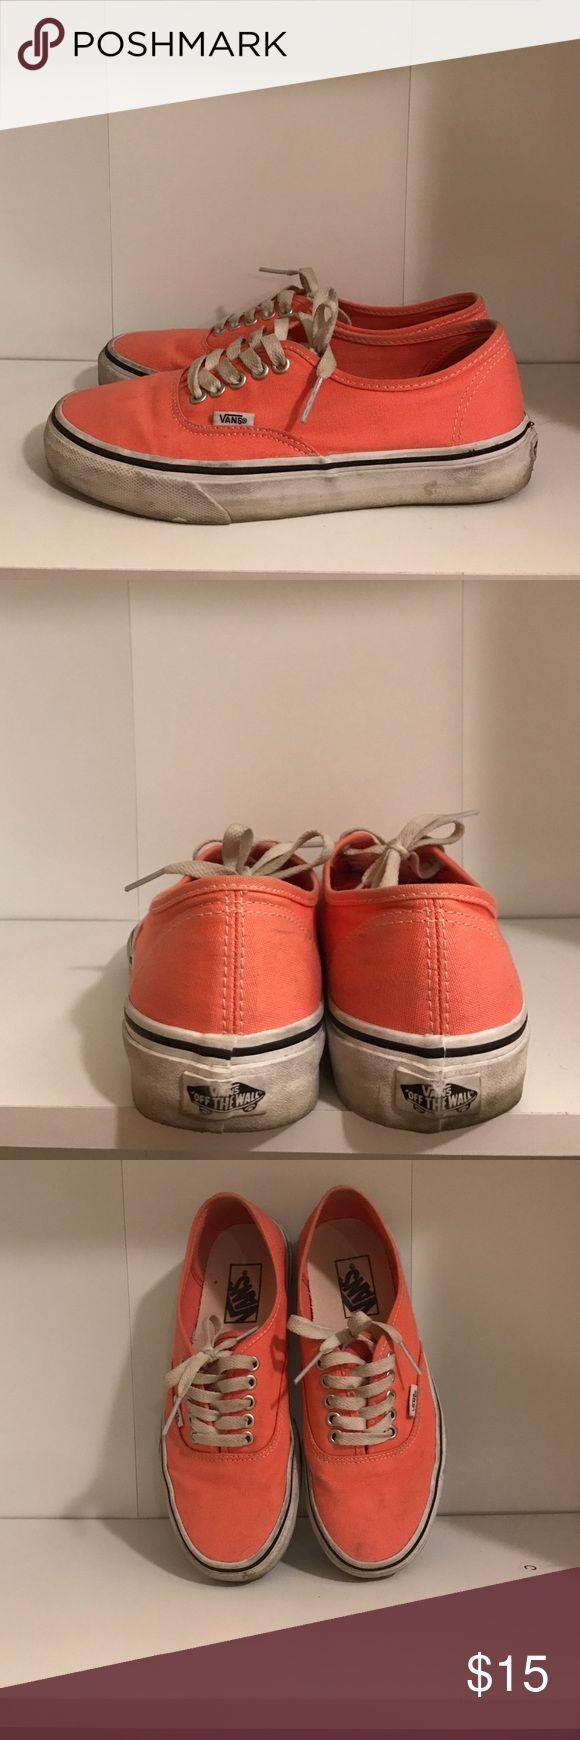 Coral Vans Coral Vans. Vans Shoes Sneakers